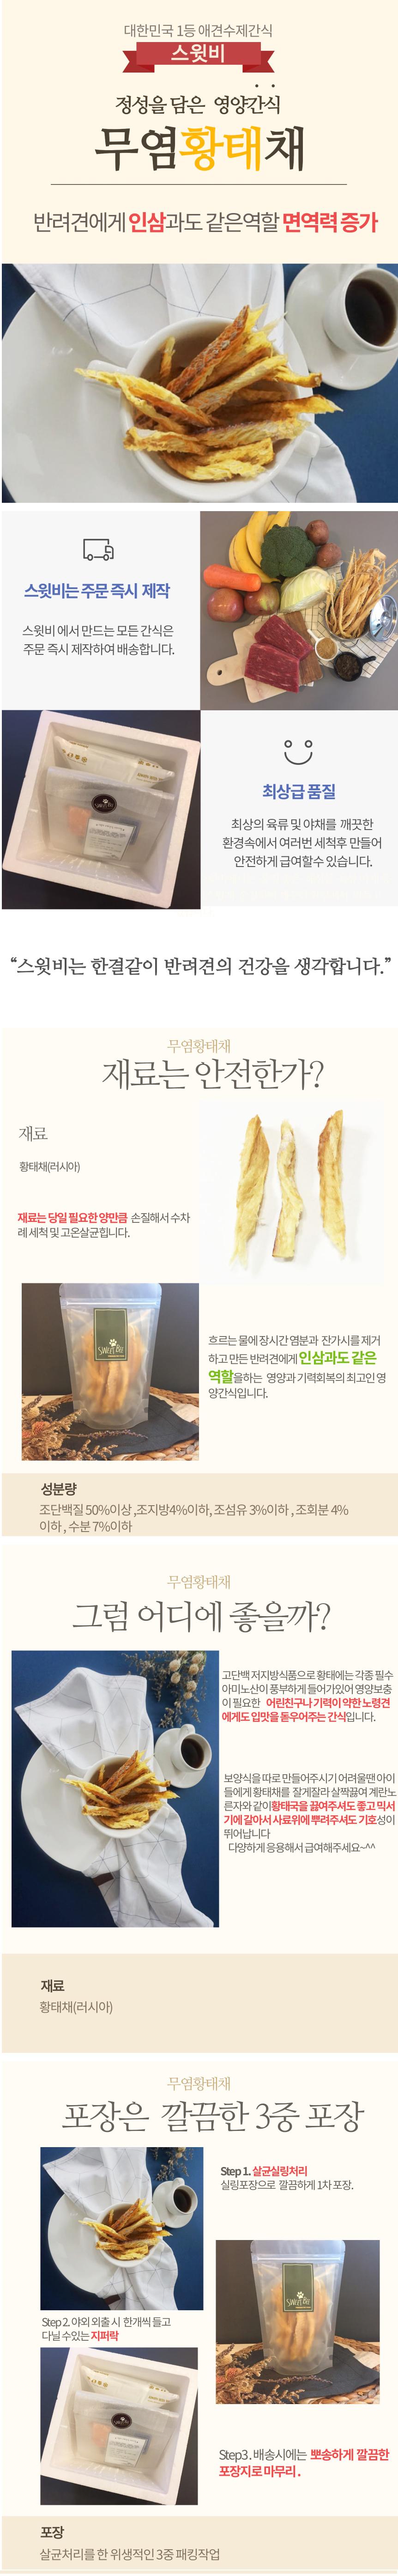 스윗비 강아지 수제간식 무염황태채 45g - 스윗비, 6,500원, 간식/영양제, 수제간식